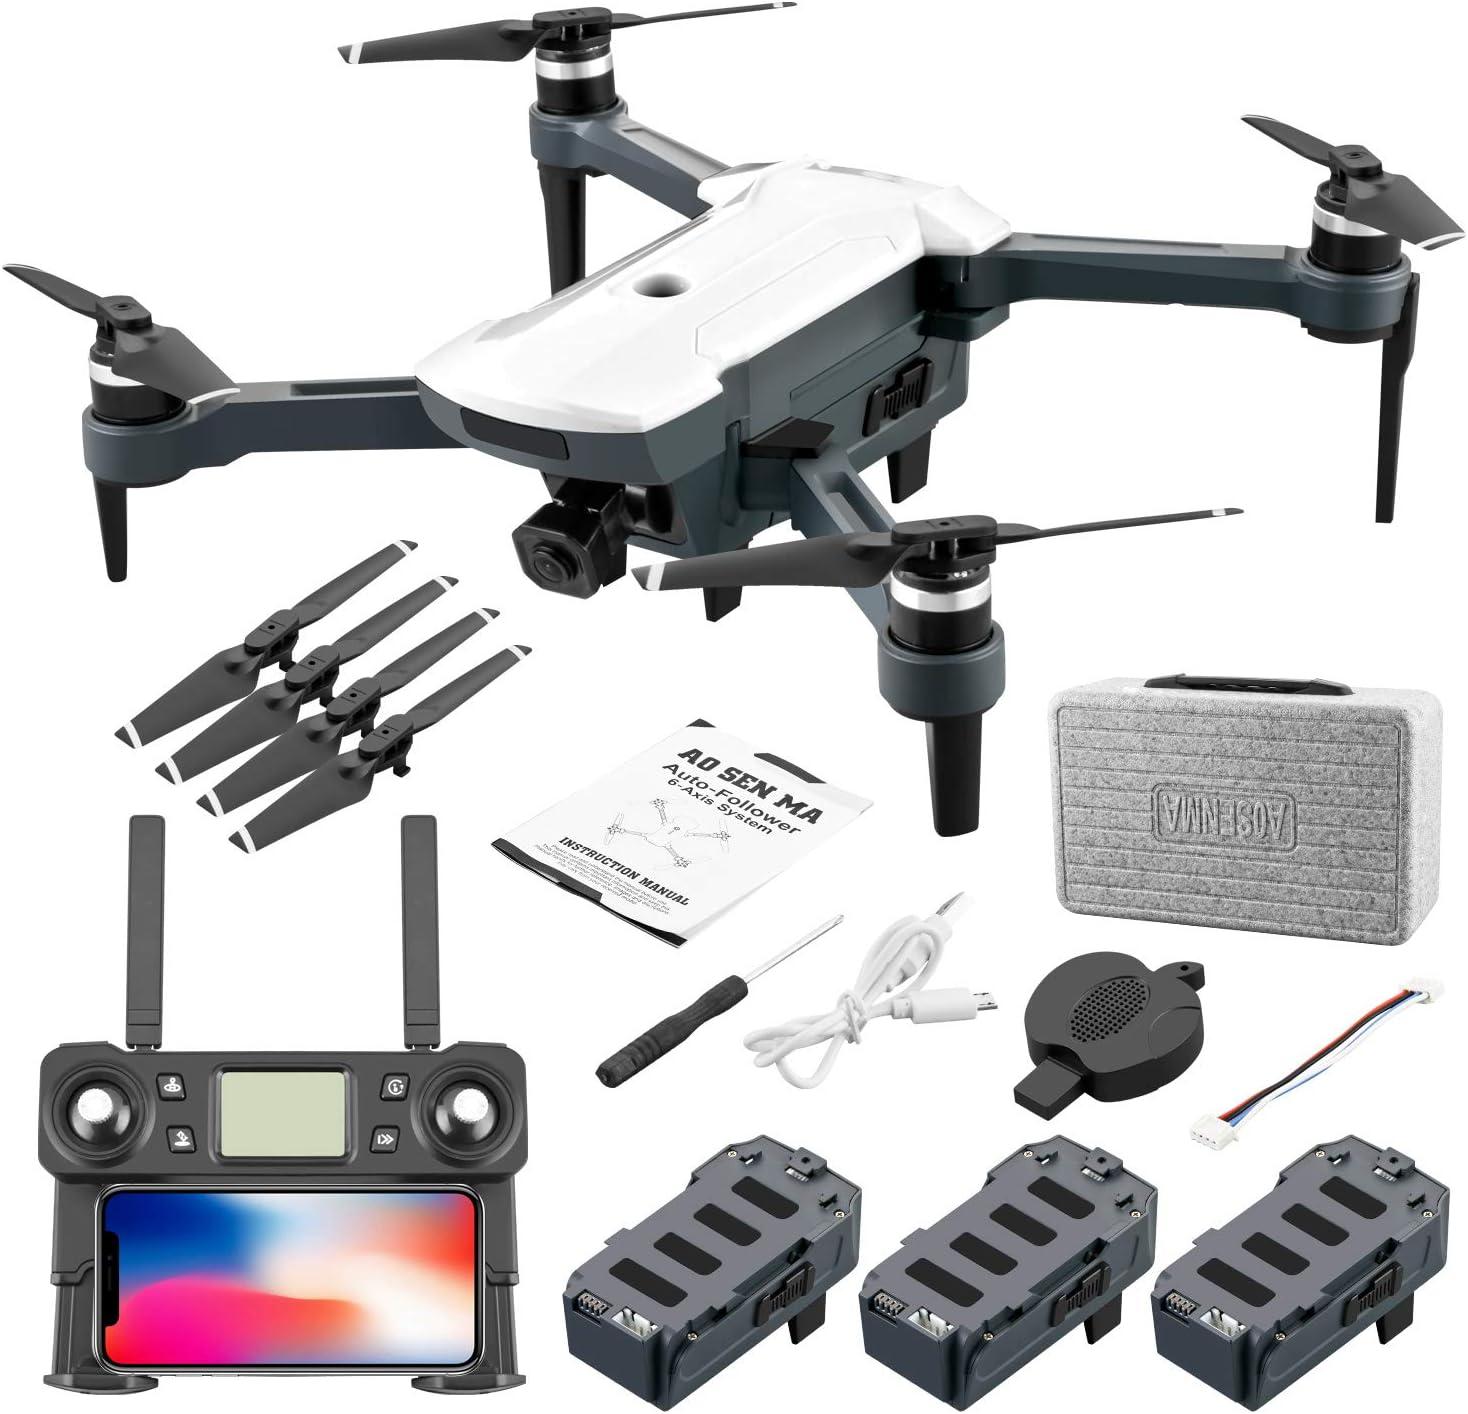 ACHICOO RCドローン 折り畳み式 クワッドコプター 5G信号伝送 画像伝送 GPS搭載 CG028 4Kカメラ HD 16メガピクセル 空中 多機能 APP操作 ブラシレスモーター スマートフォロー撮影 自己安定撮影 遠隔距離 白 バッテリー3個